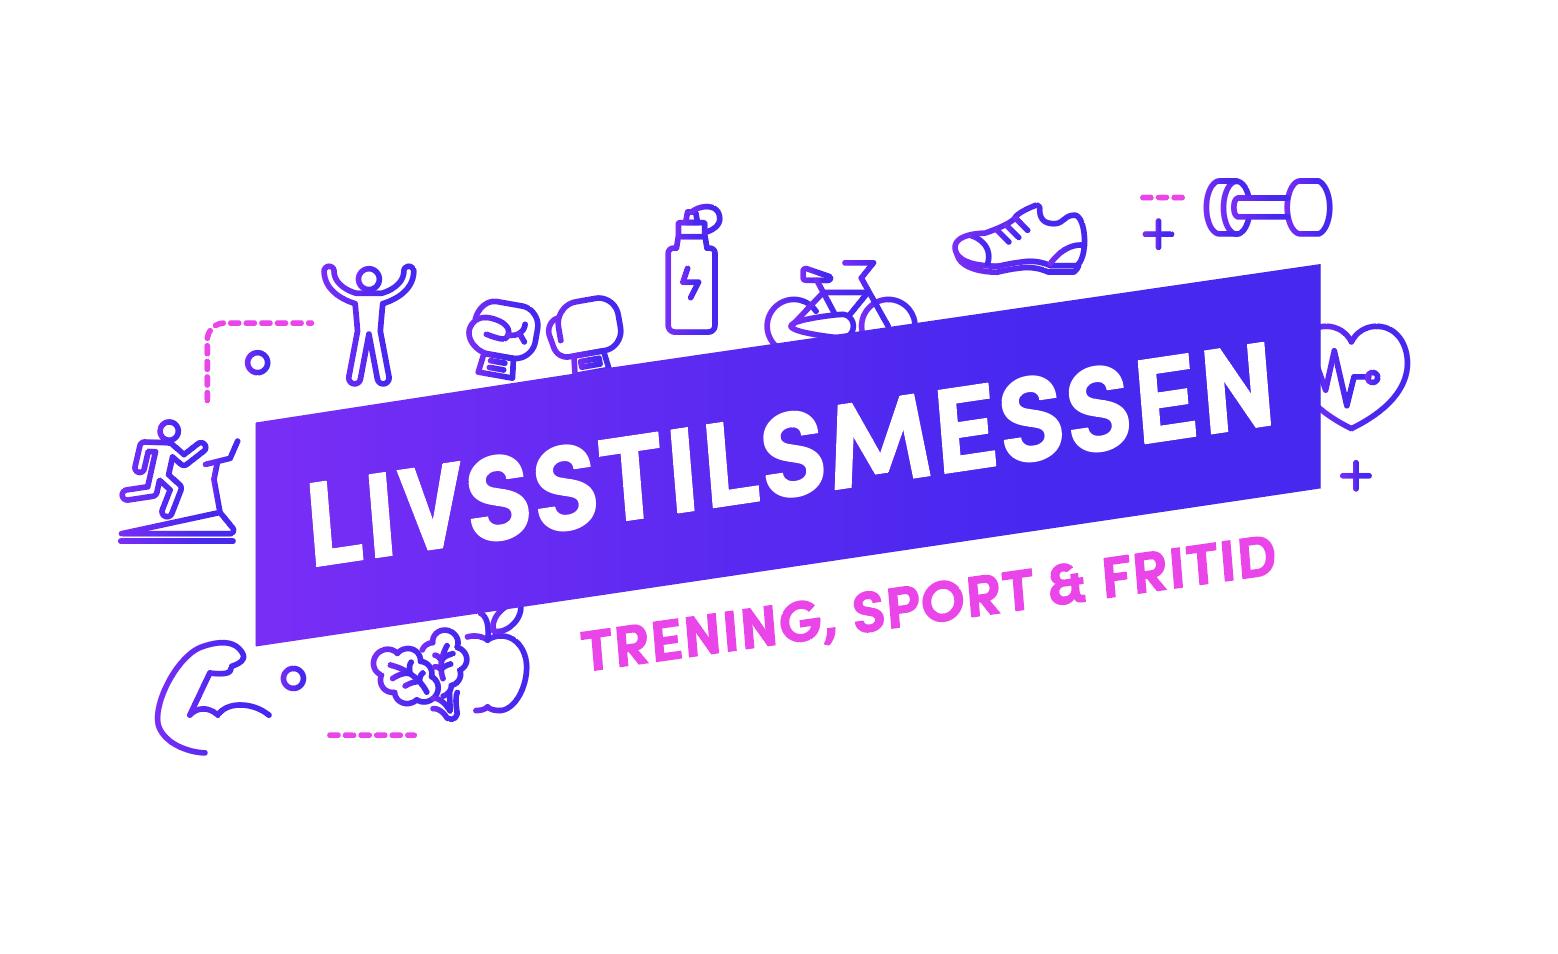 Logo-Livsstilsmessen-2.png